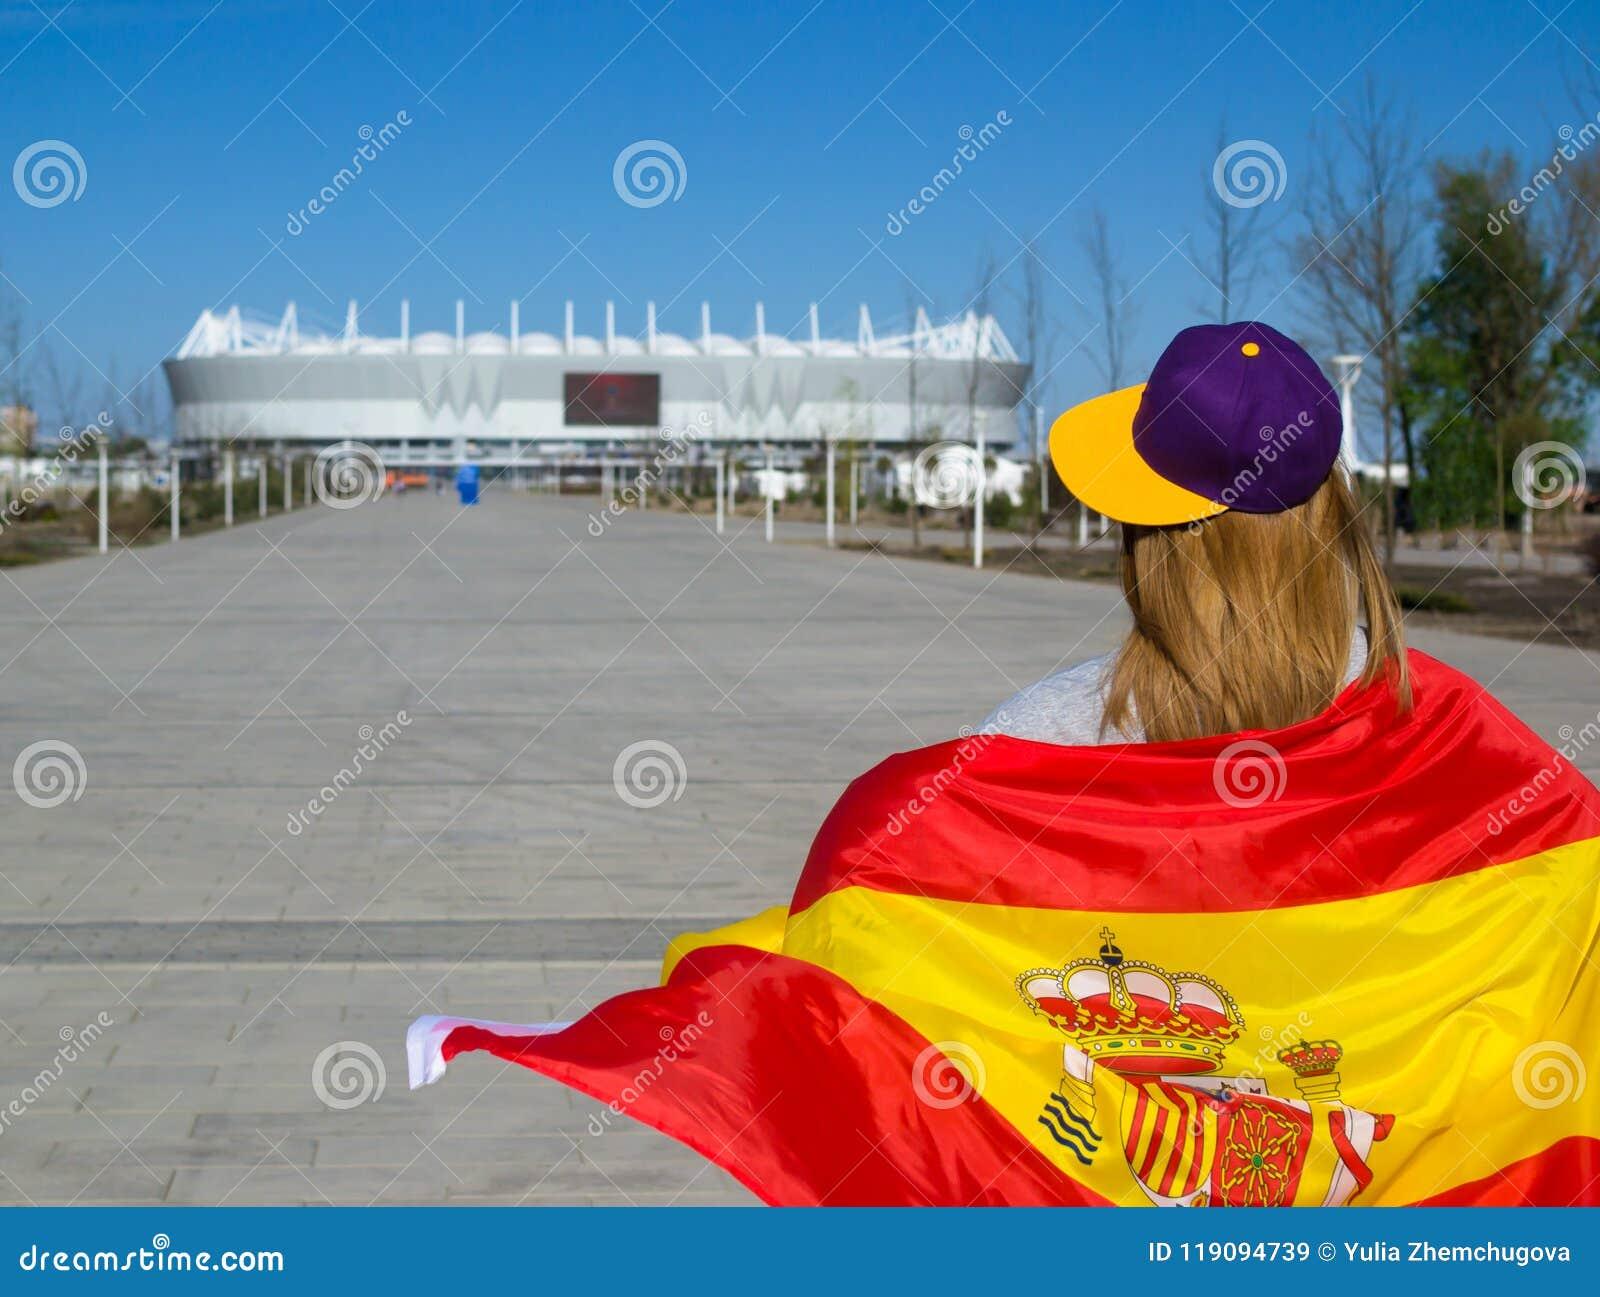 La animadora de la muchacha está dirigiendo al estadio de fútbol con la bandera española